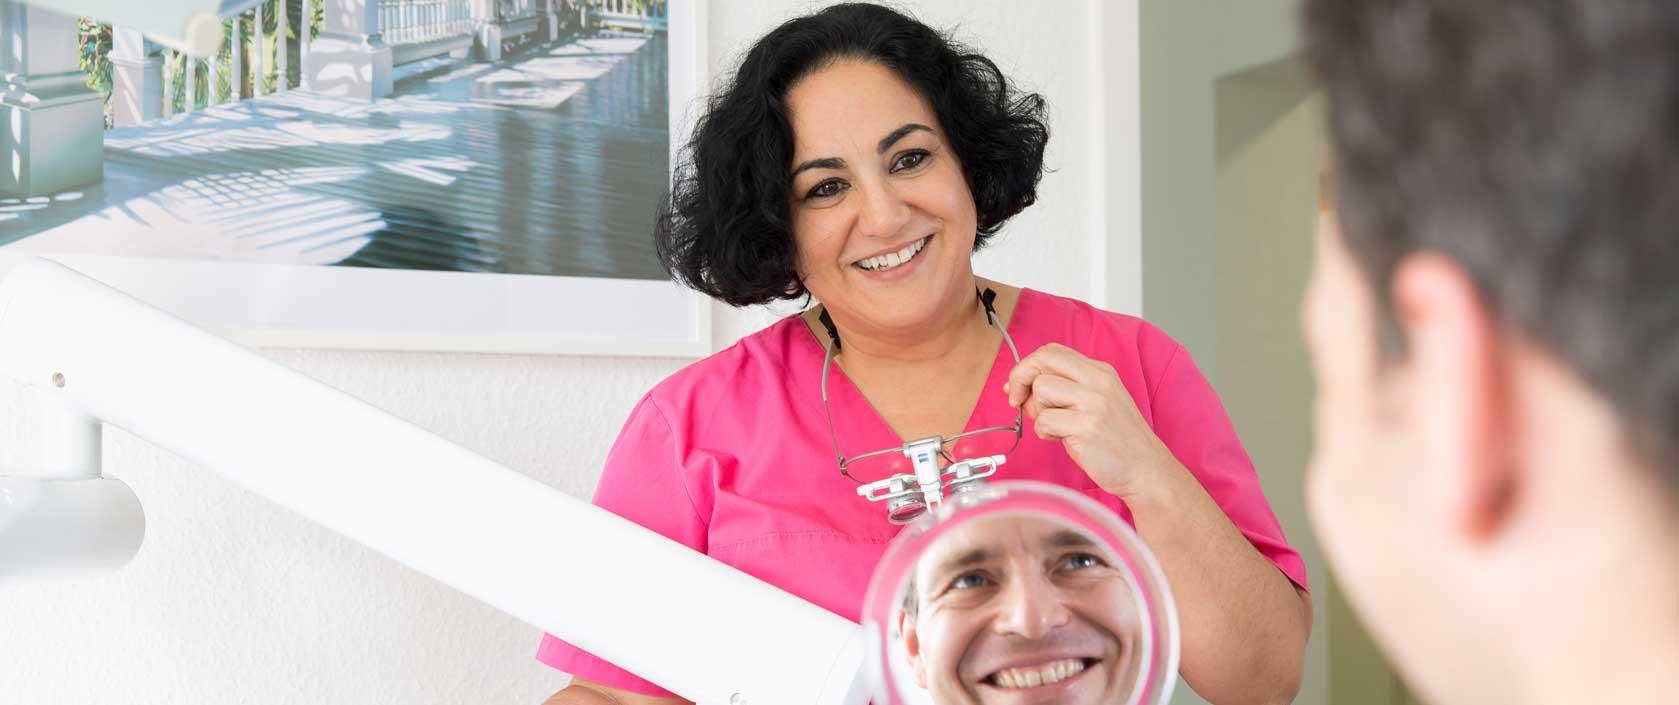 Zahnärztin im Gespräch mit einem Patienten